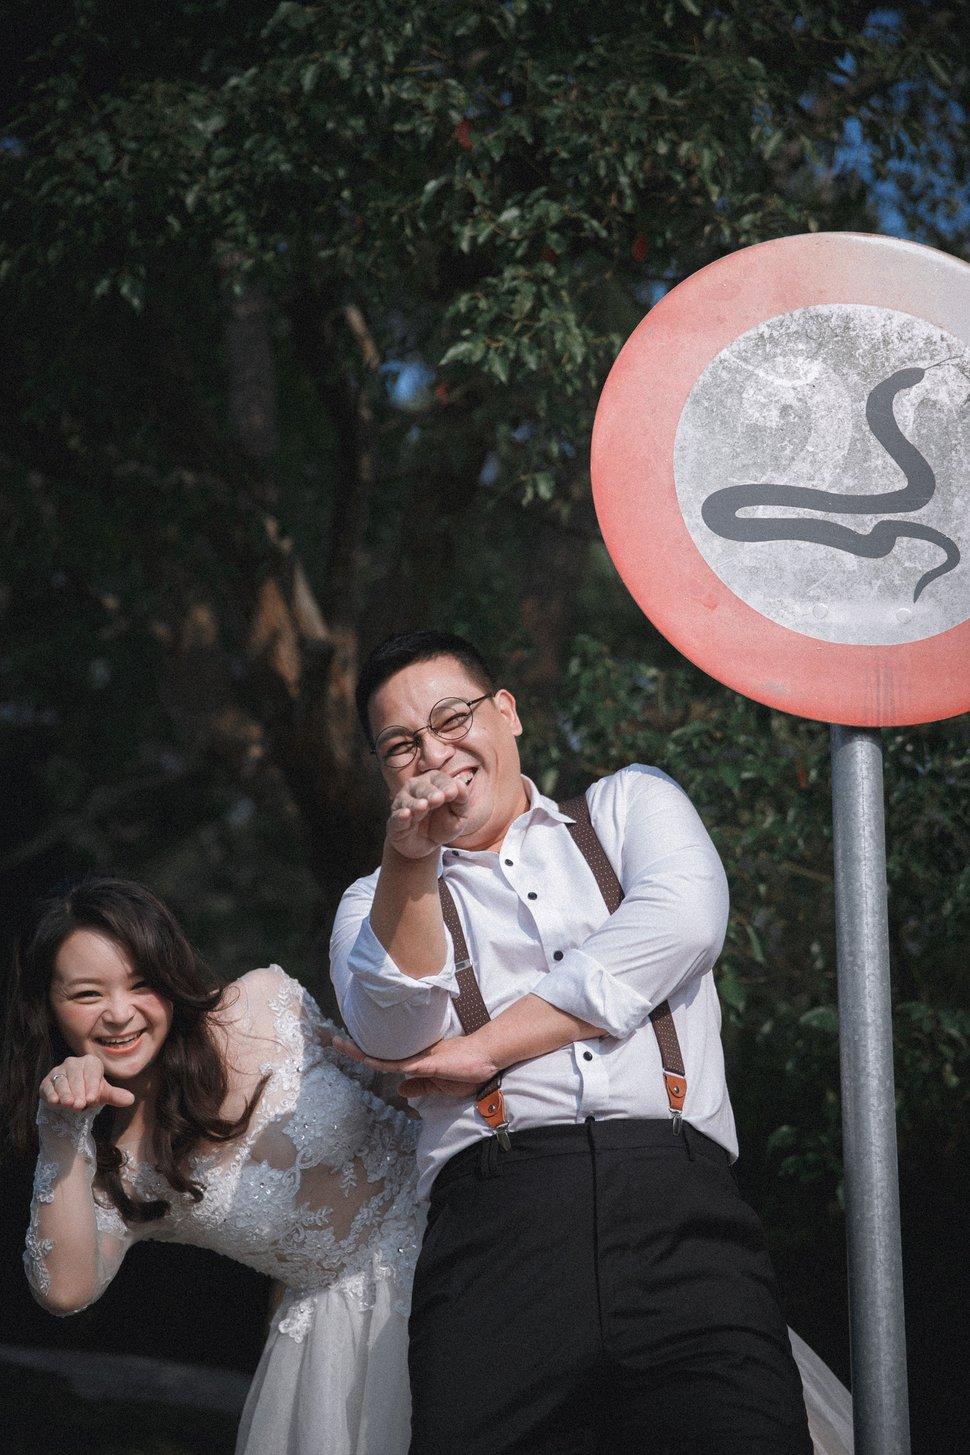 2019-2-25-15 - 瞳心尉泯 -婚禮攝影 - 結婚吧